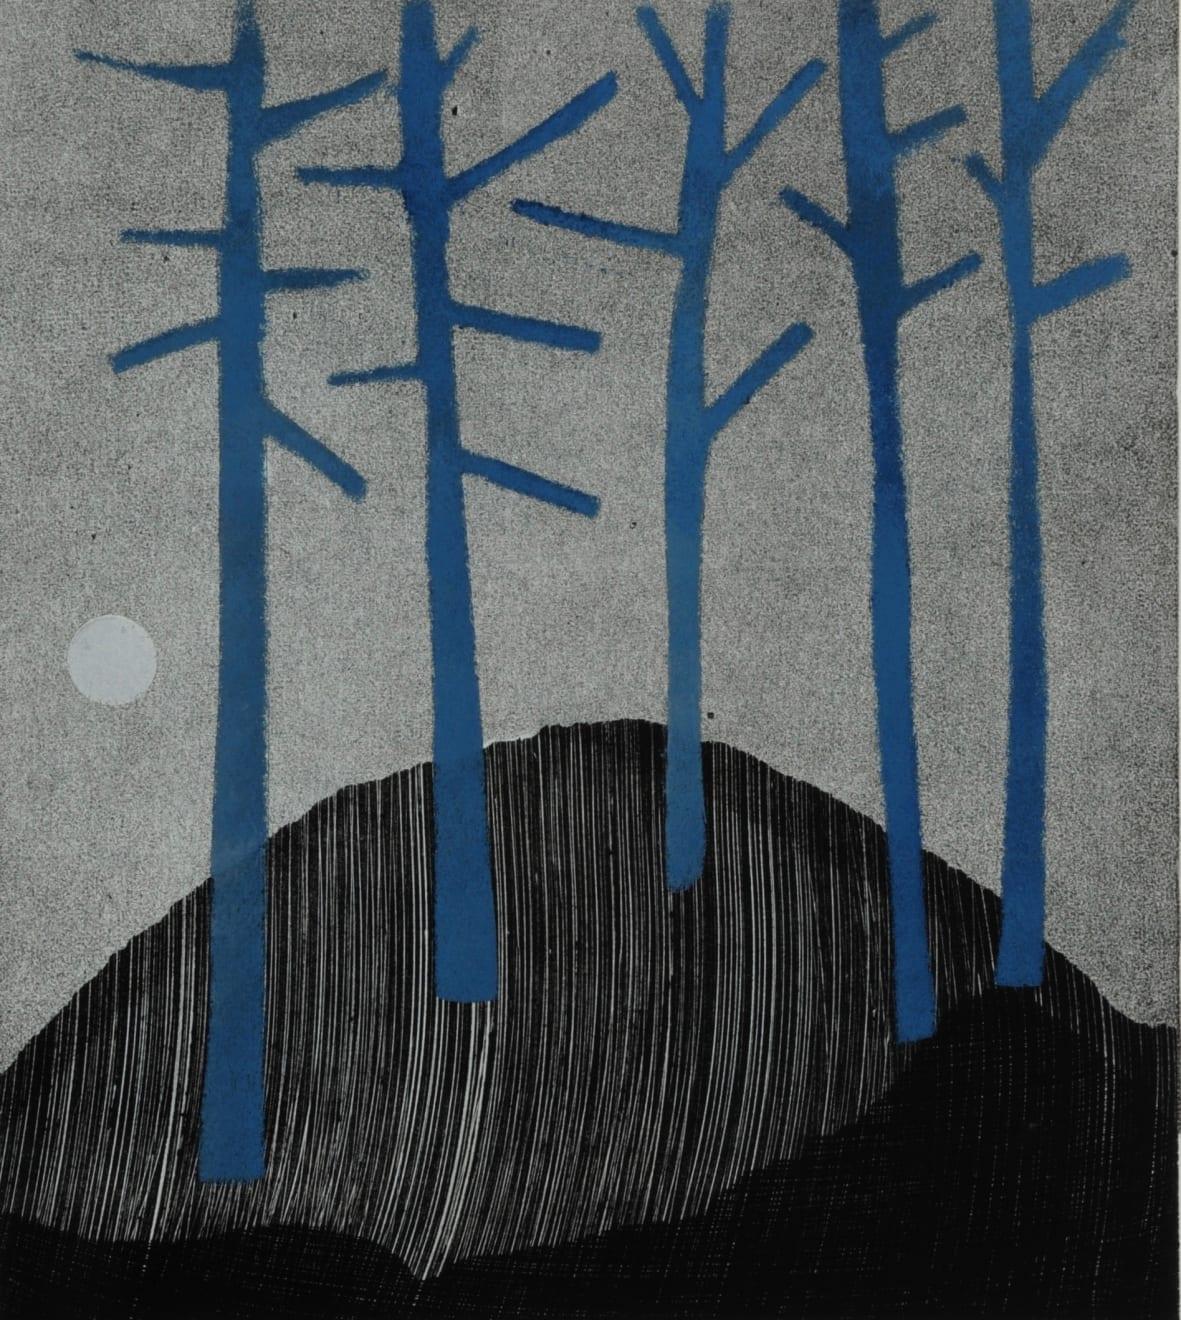 Nigel Swift, Five Blue Trees, 2020